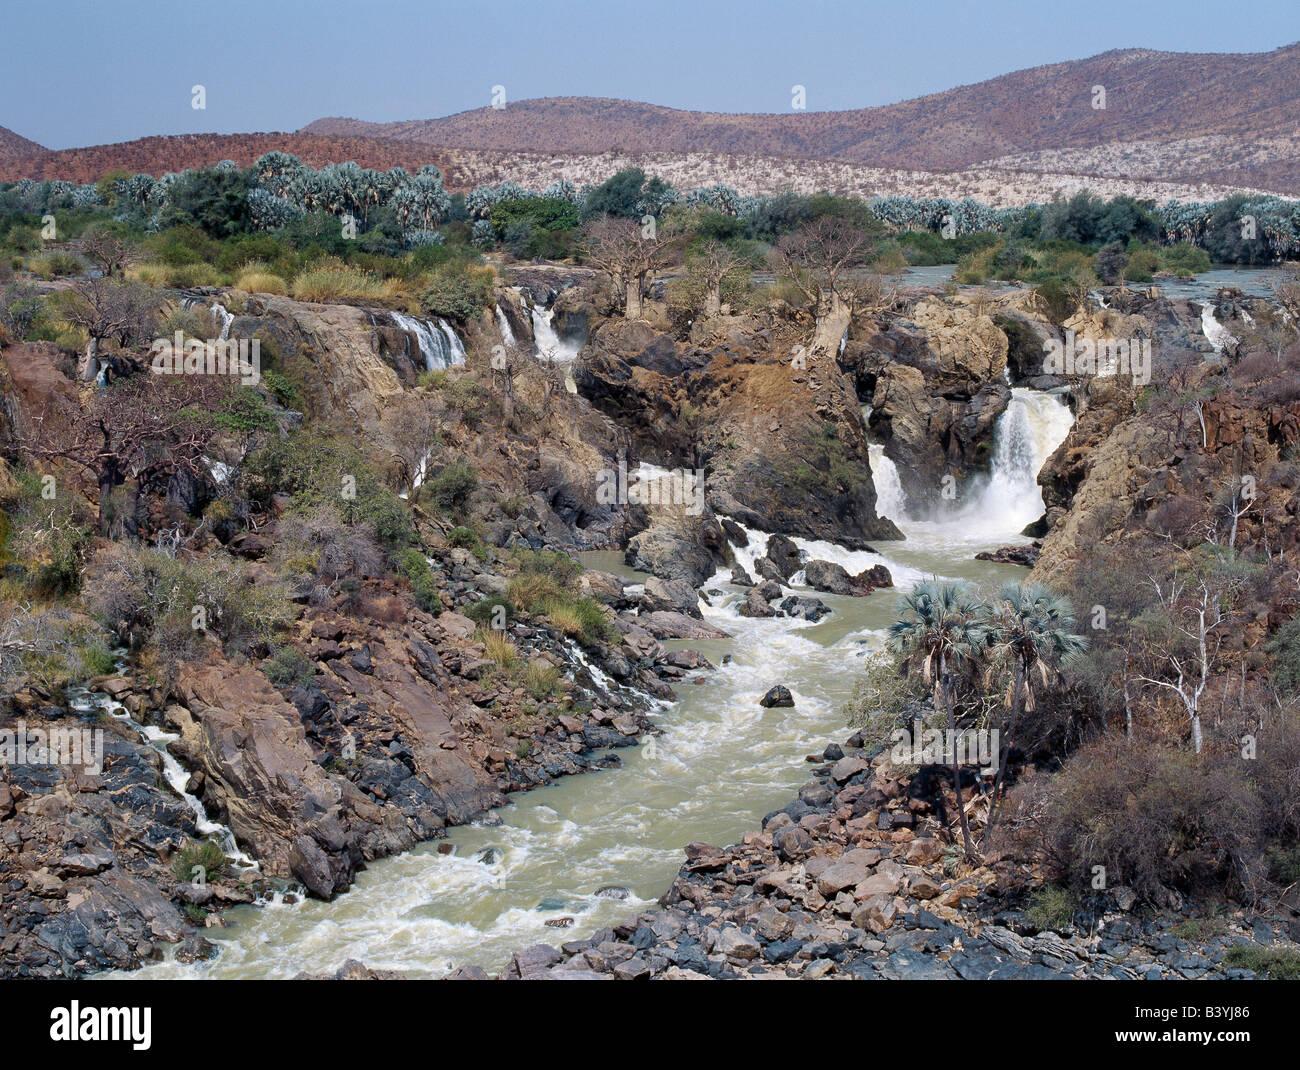 """Namibia, Kaokoland, Epupa. La atractiva Epupa Falls en el accidentado noroeste de Namibia son una serie de canales paralelos, donde el río Kunene desciende a 60 metros en un kilómetro y medio. En esta remota región, el río forma la frontera entre Angola y Namibia. """"Epupa' en el idioma Herero local significa 'Falling Waters'. Foto de stock"""